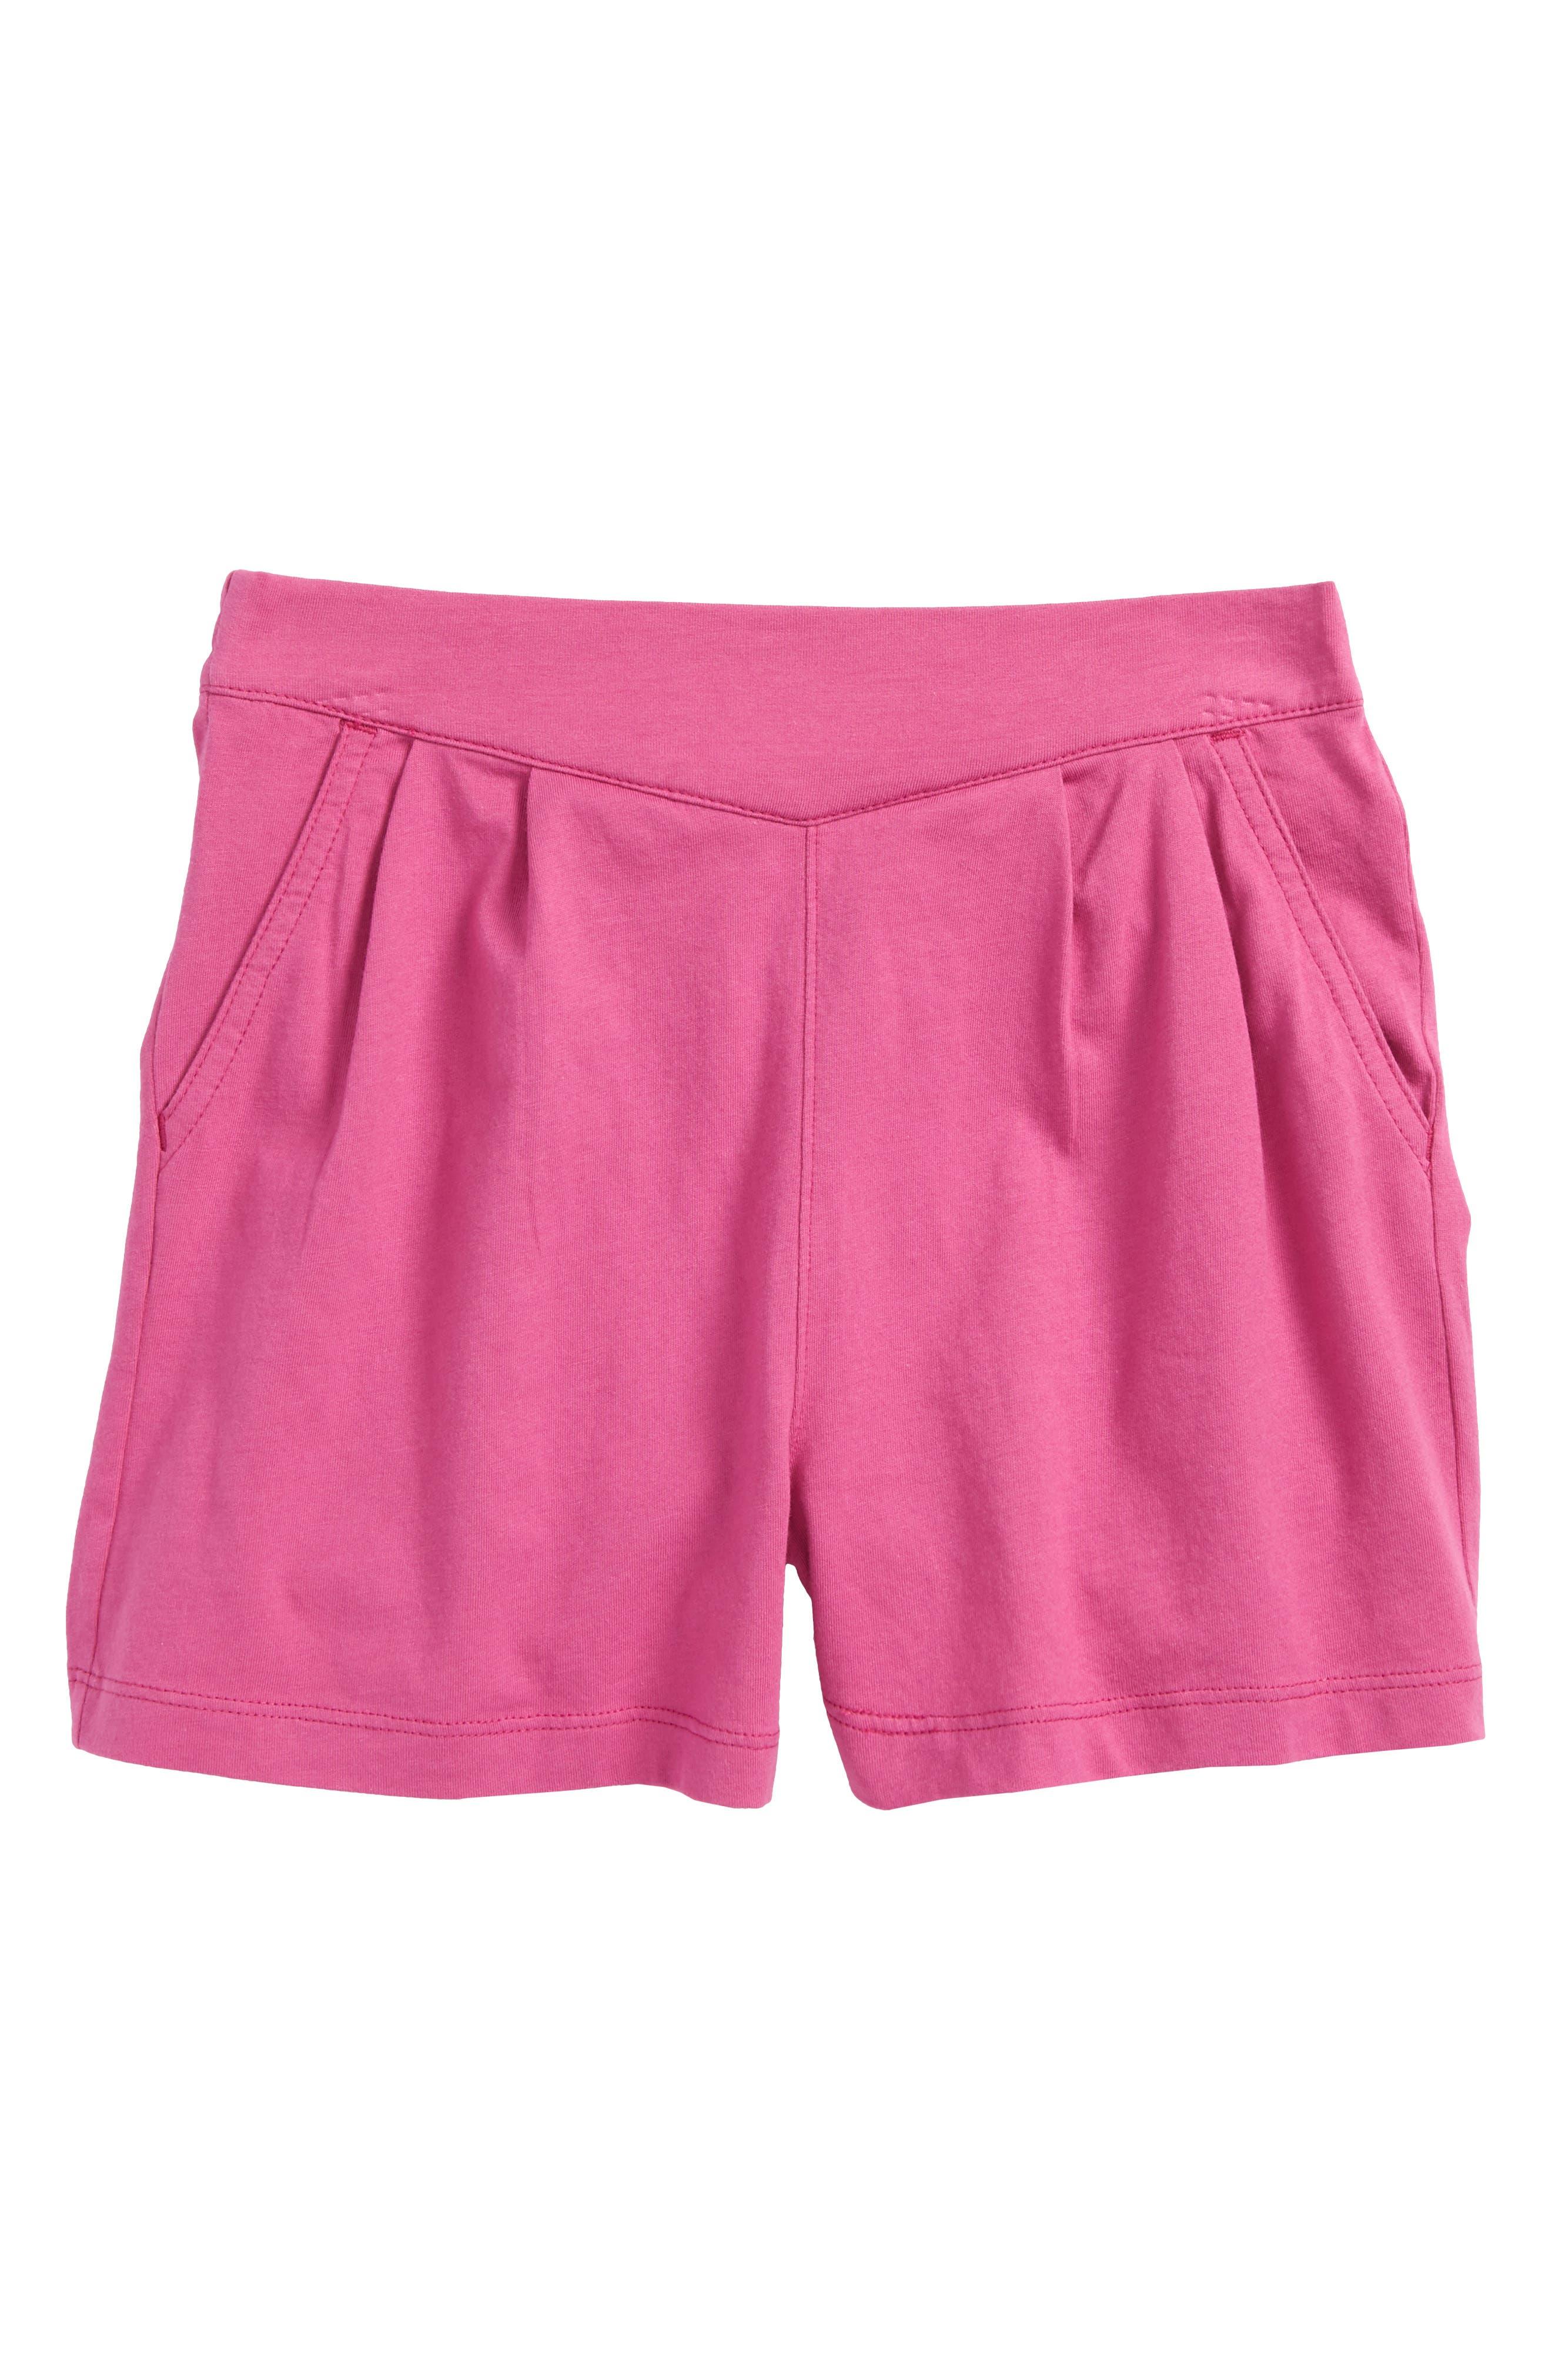 Boat Dock Shorts,                             Main thumbnail 2, color,